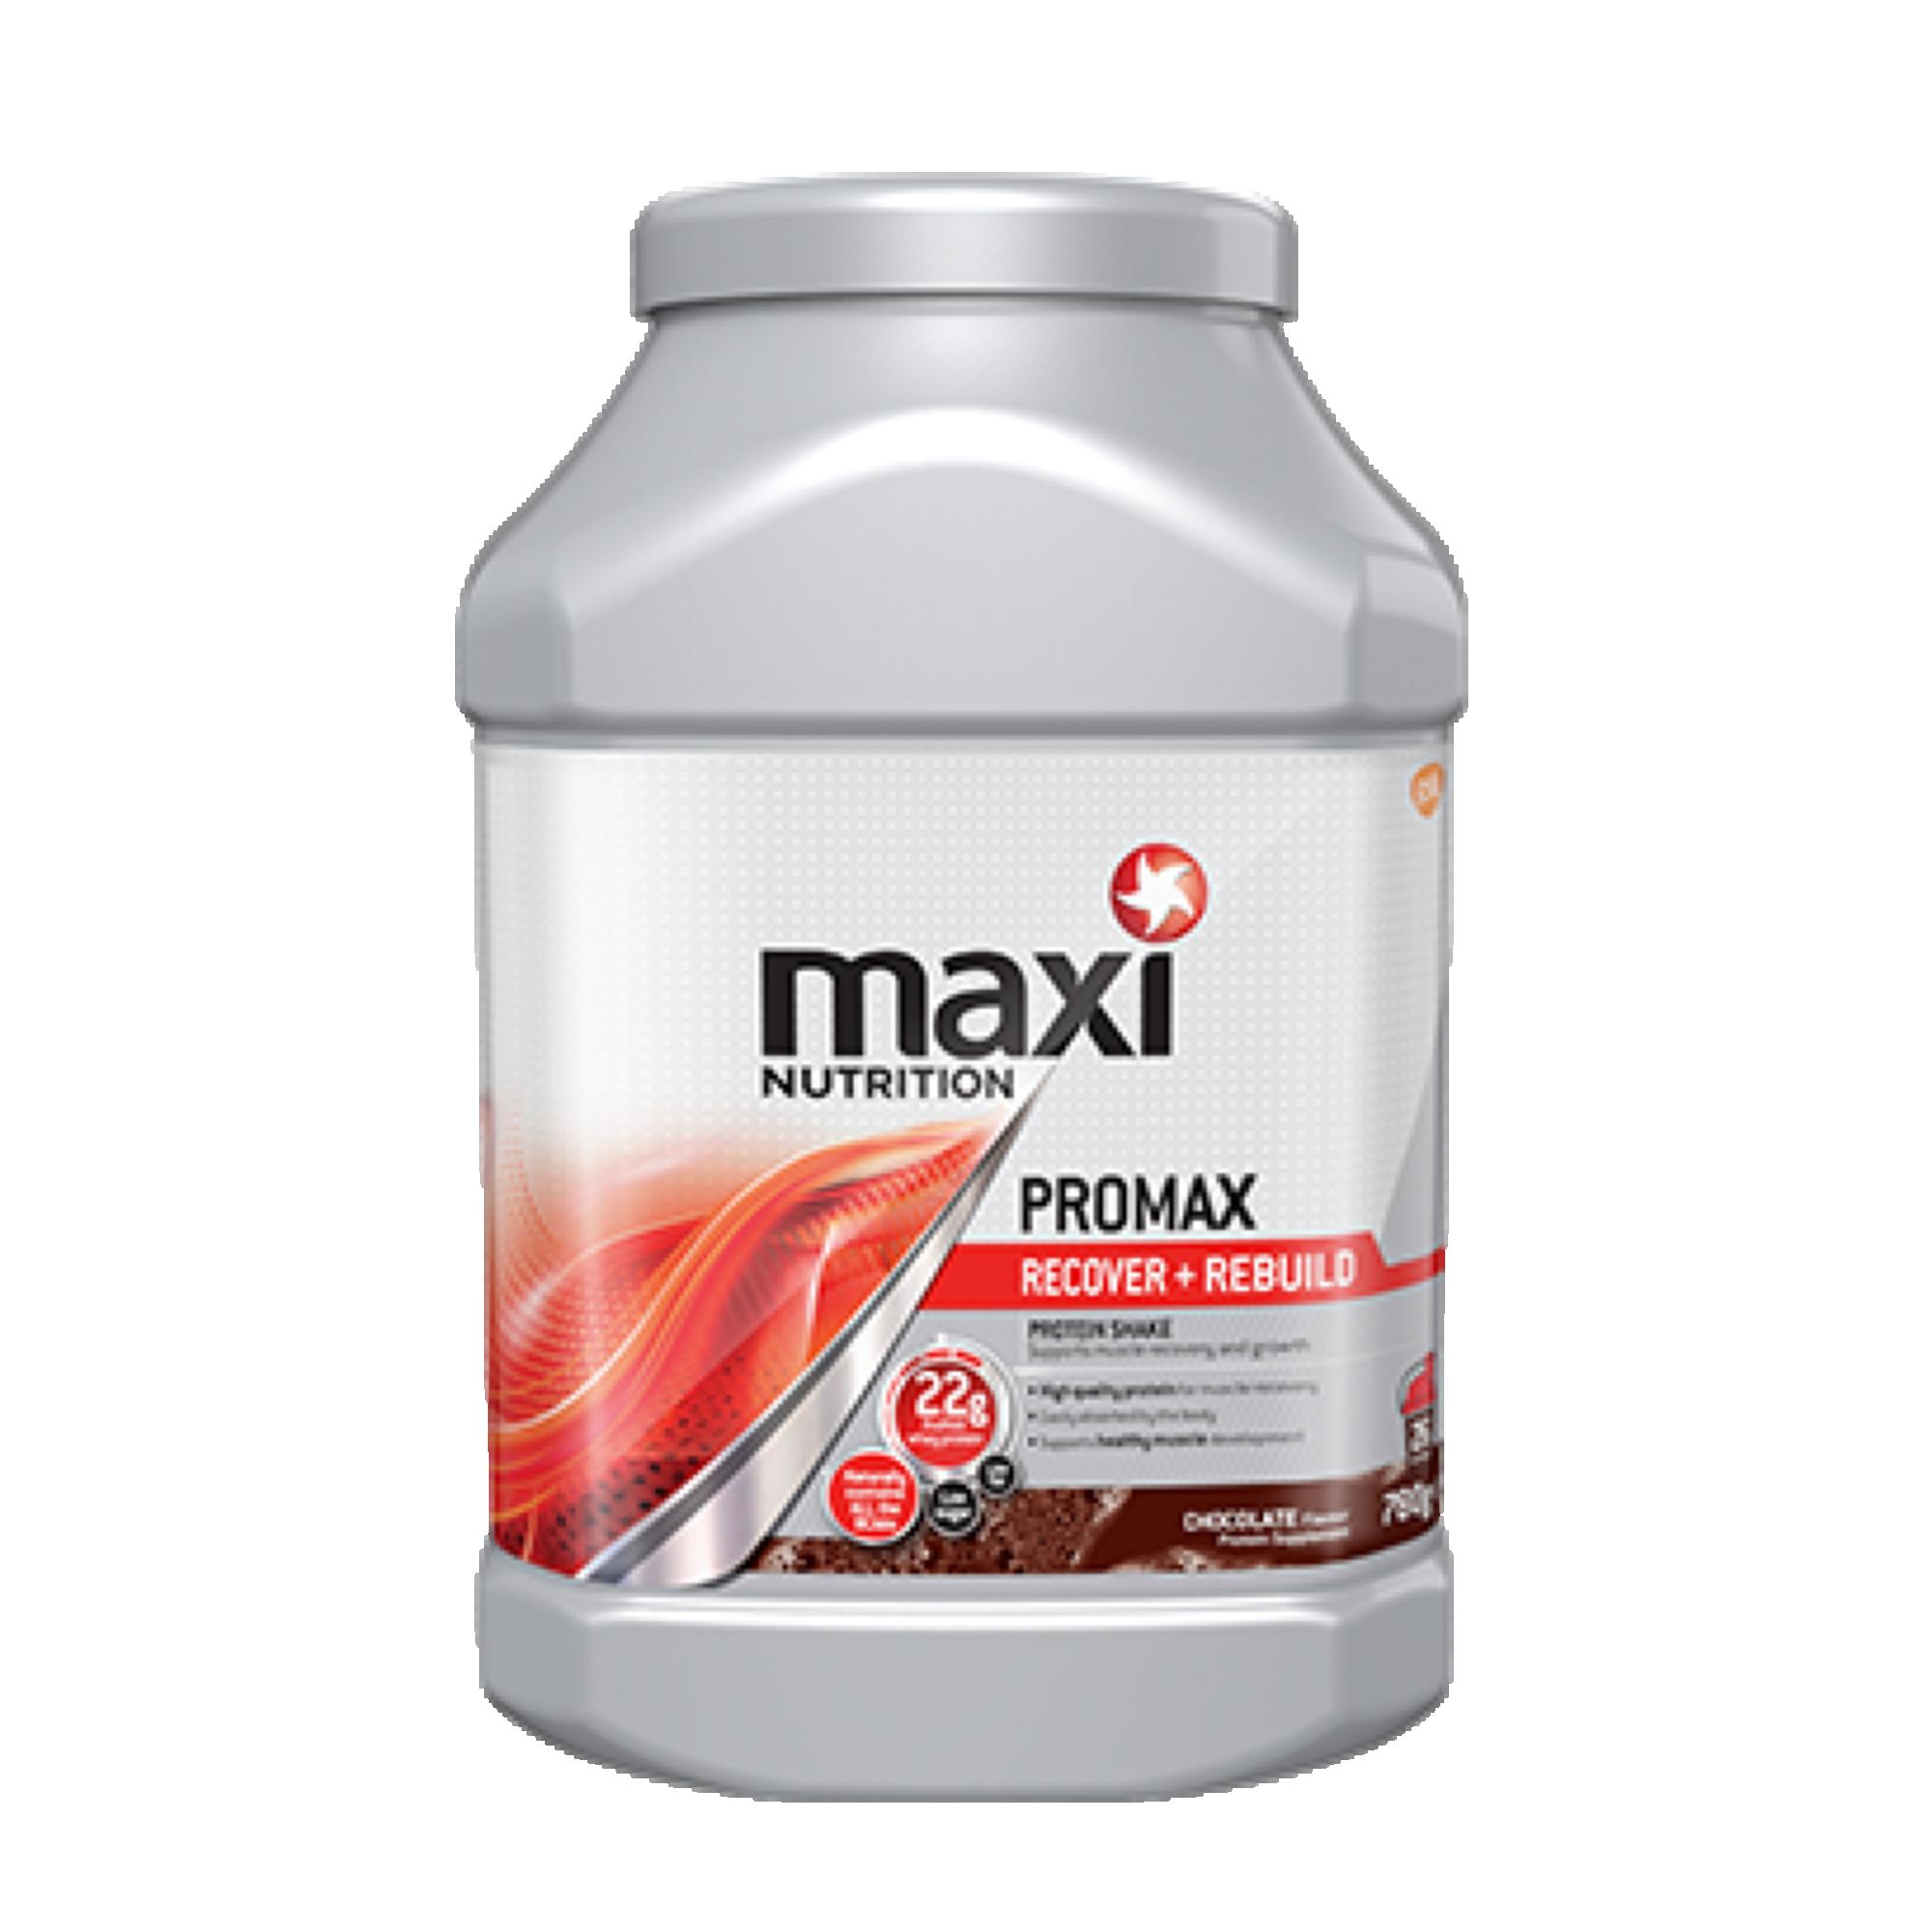 MaxiNutrition Promax Protein powder shakes Sports nutrition Protein rich shakes